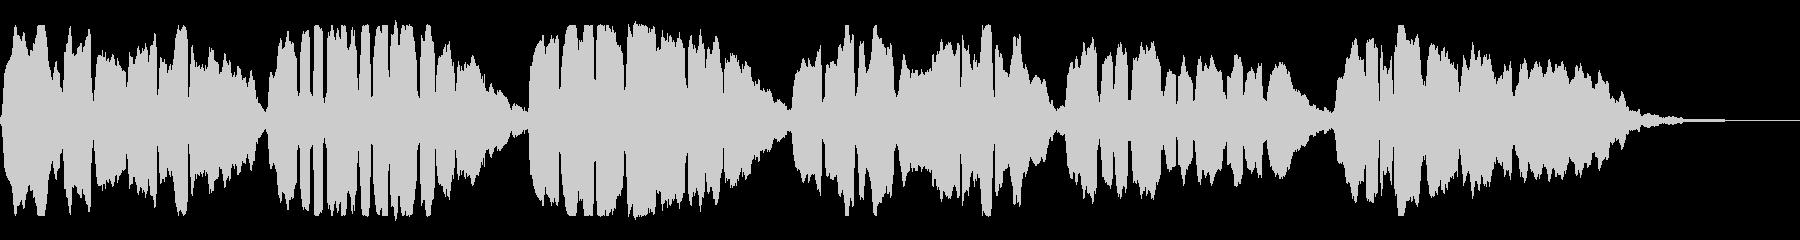 アコーディオンソロの「かごめかごめ」の未再生の波形